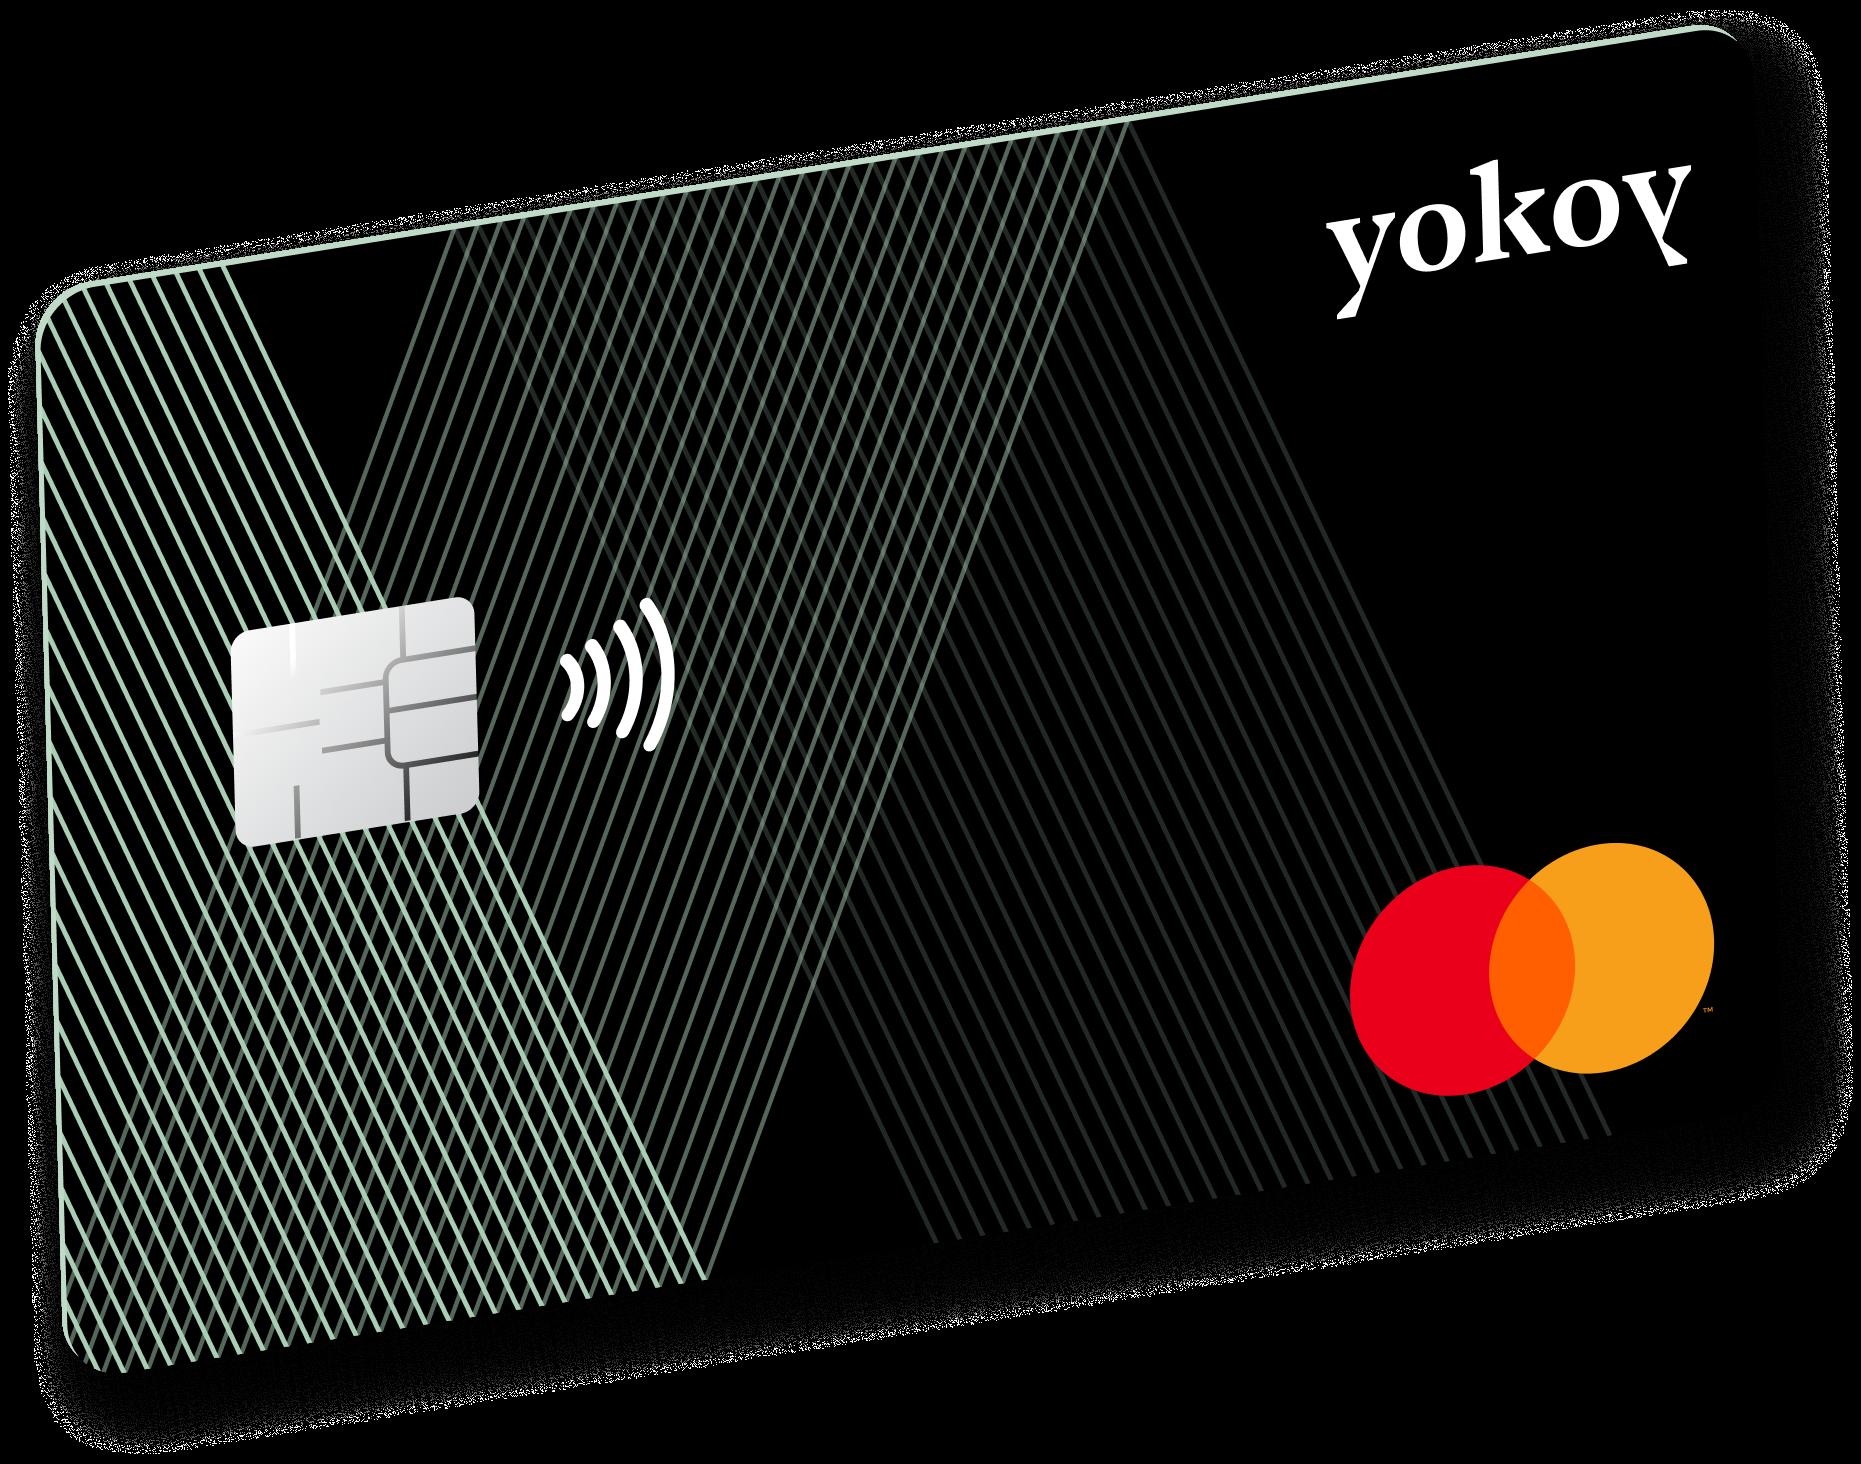 A skewed Yokoy Mastercard